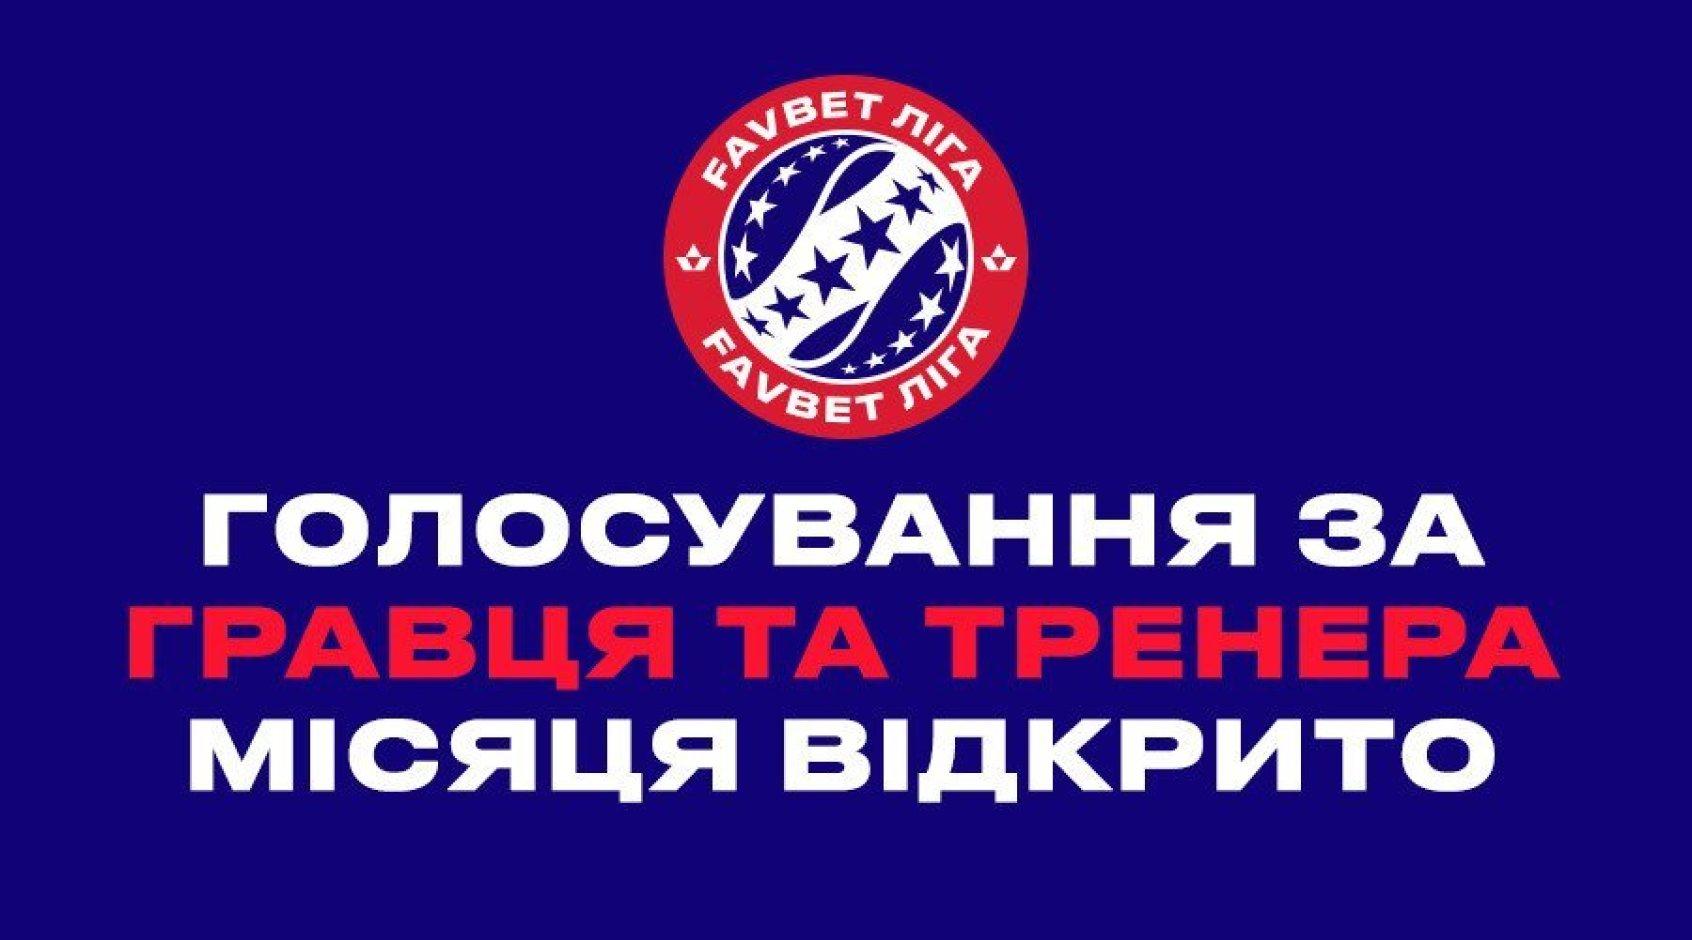 Беседін та Лєднєв, Михайличенко, Скрипник та Шаран - кандидати на приз кращих в УПЛ в жовтні